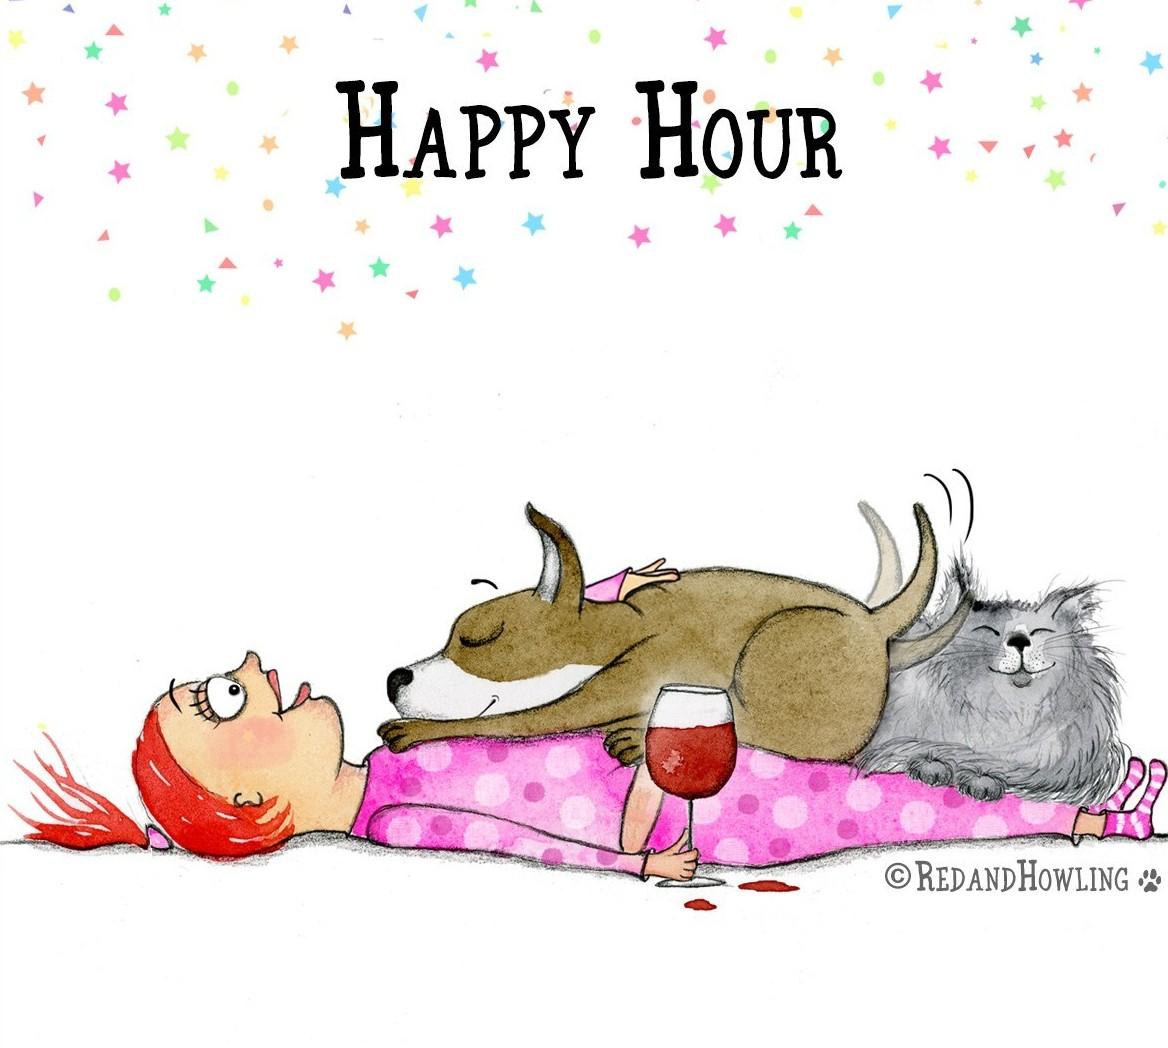 happyhour 1